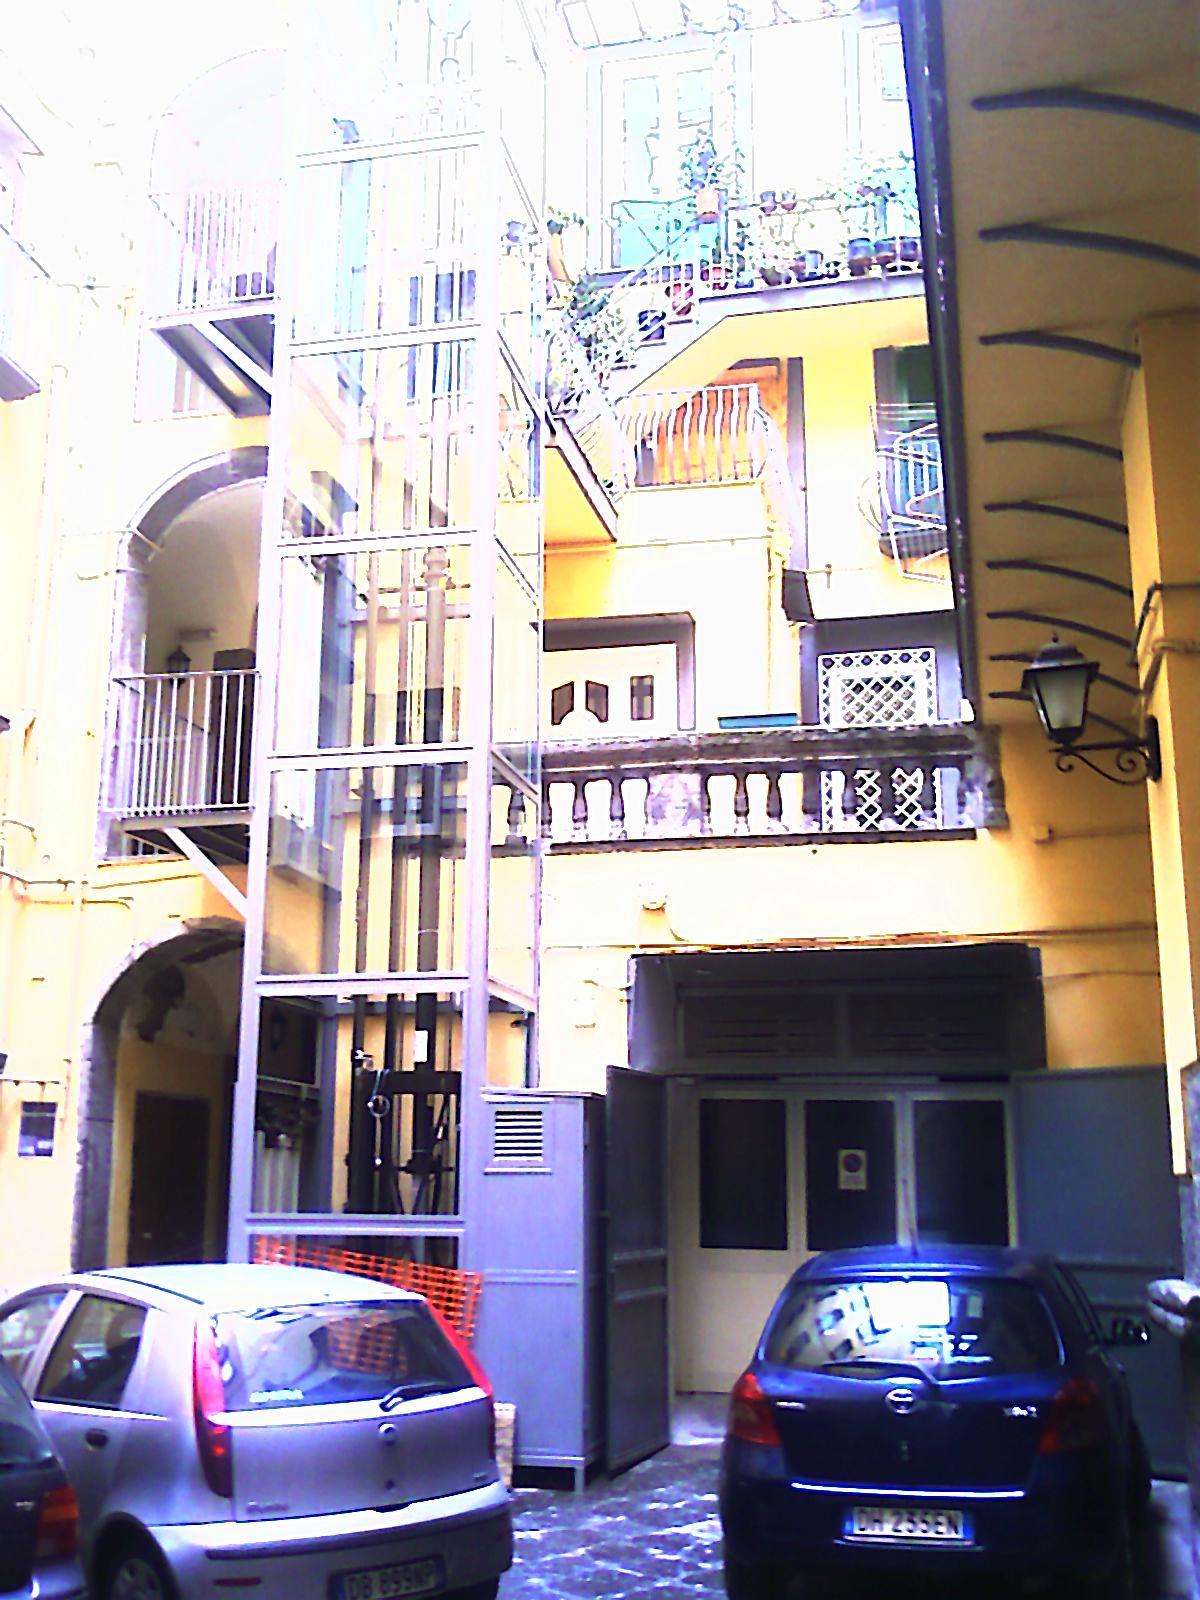 Via Sedile Di Porto.File Palazzo In Via Sedile Di Porto 55 Cortile Jpg Wikipedia